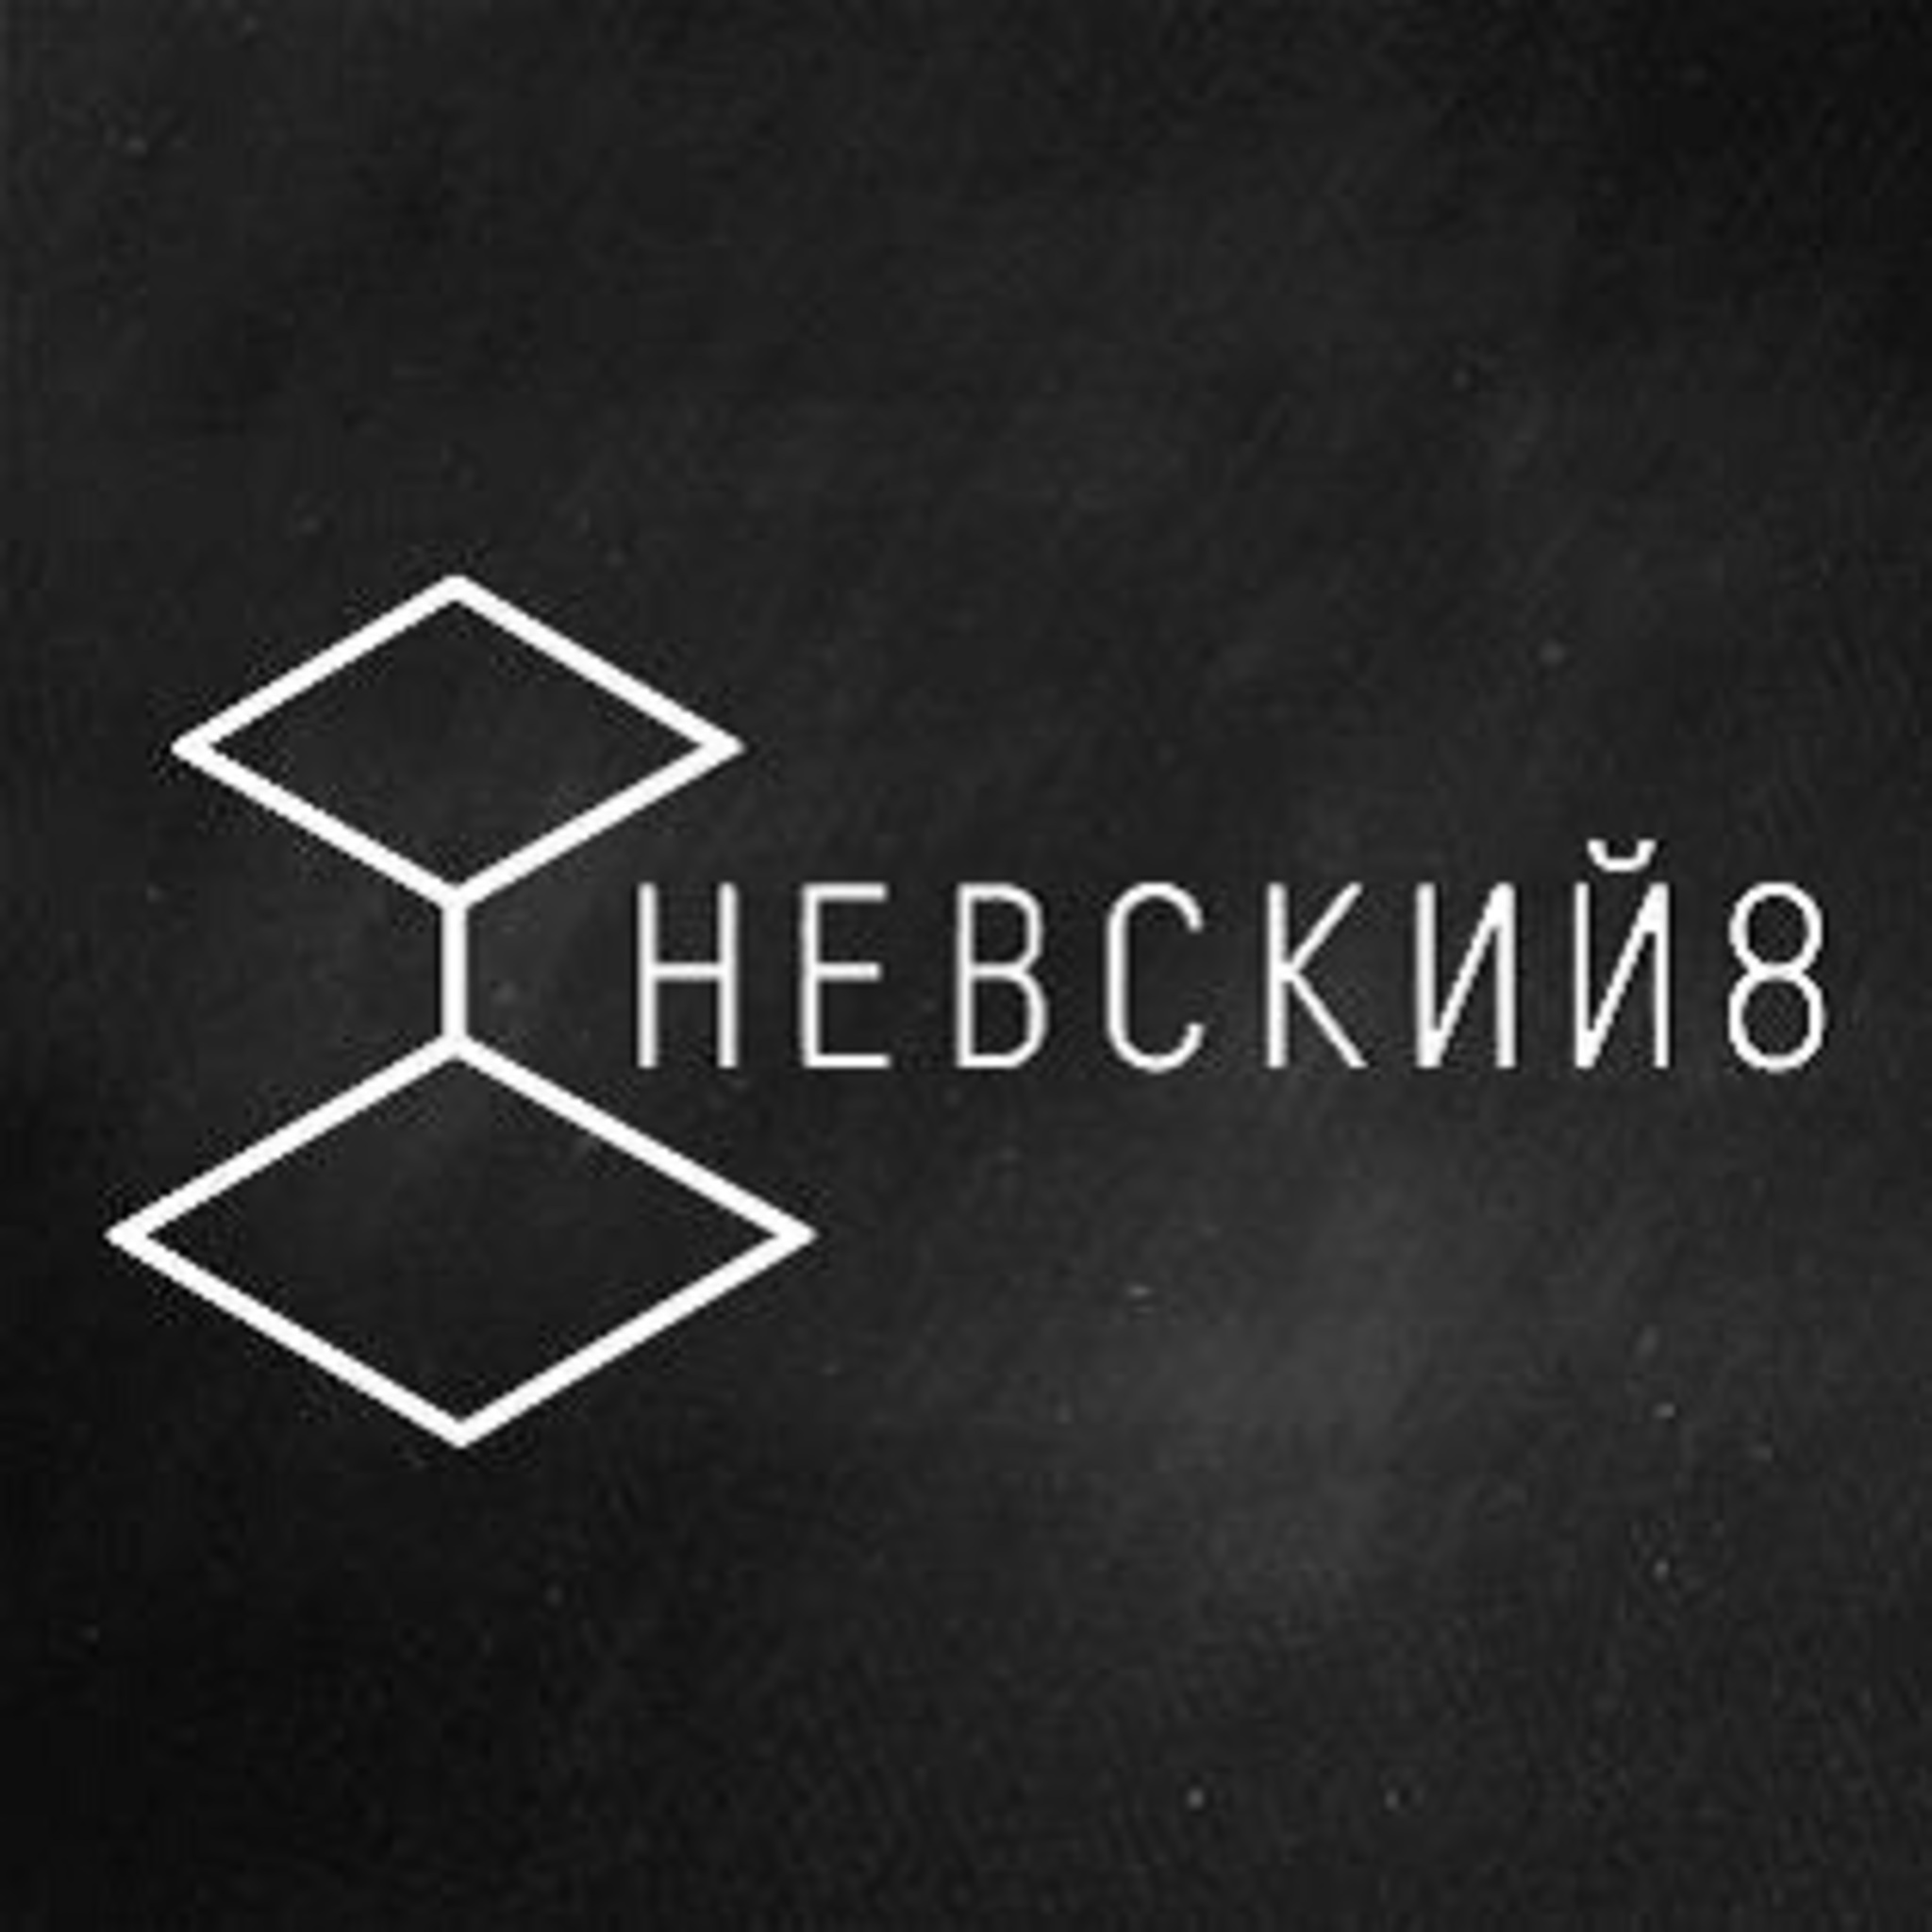 Центр Искусств Невский 8